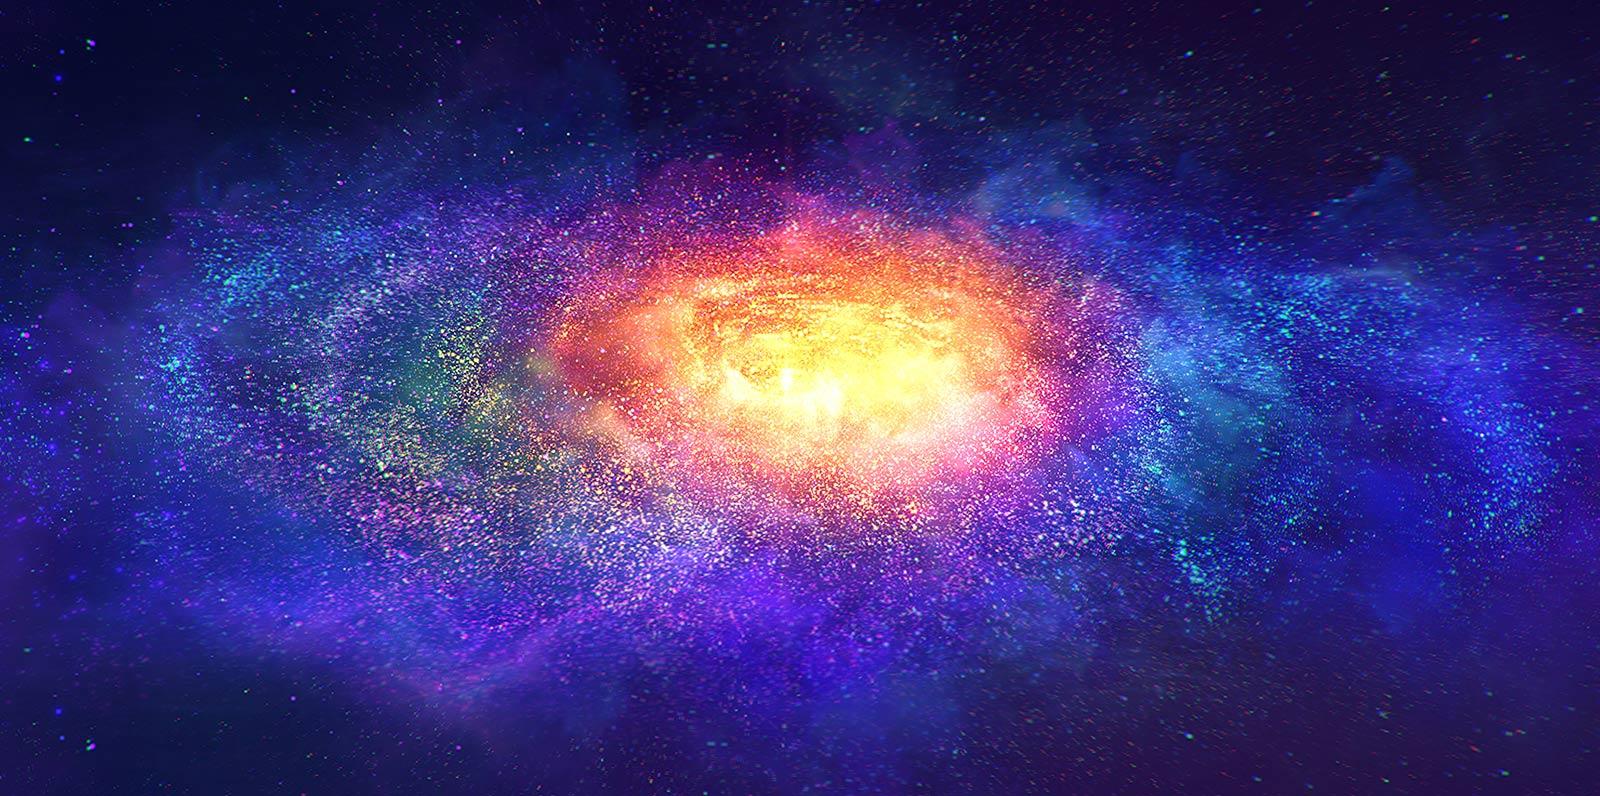 Miljoenen kleine kleurrijke deeltjes in de ruimte